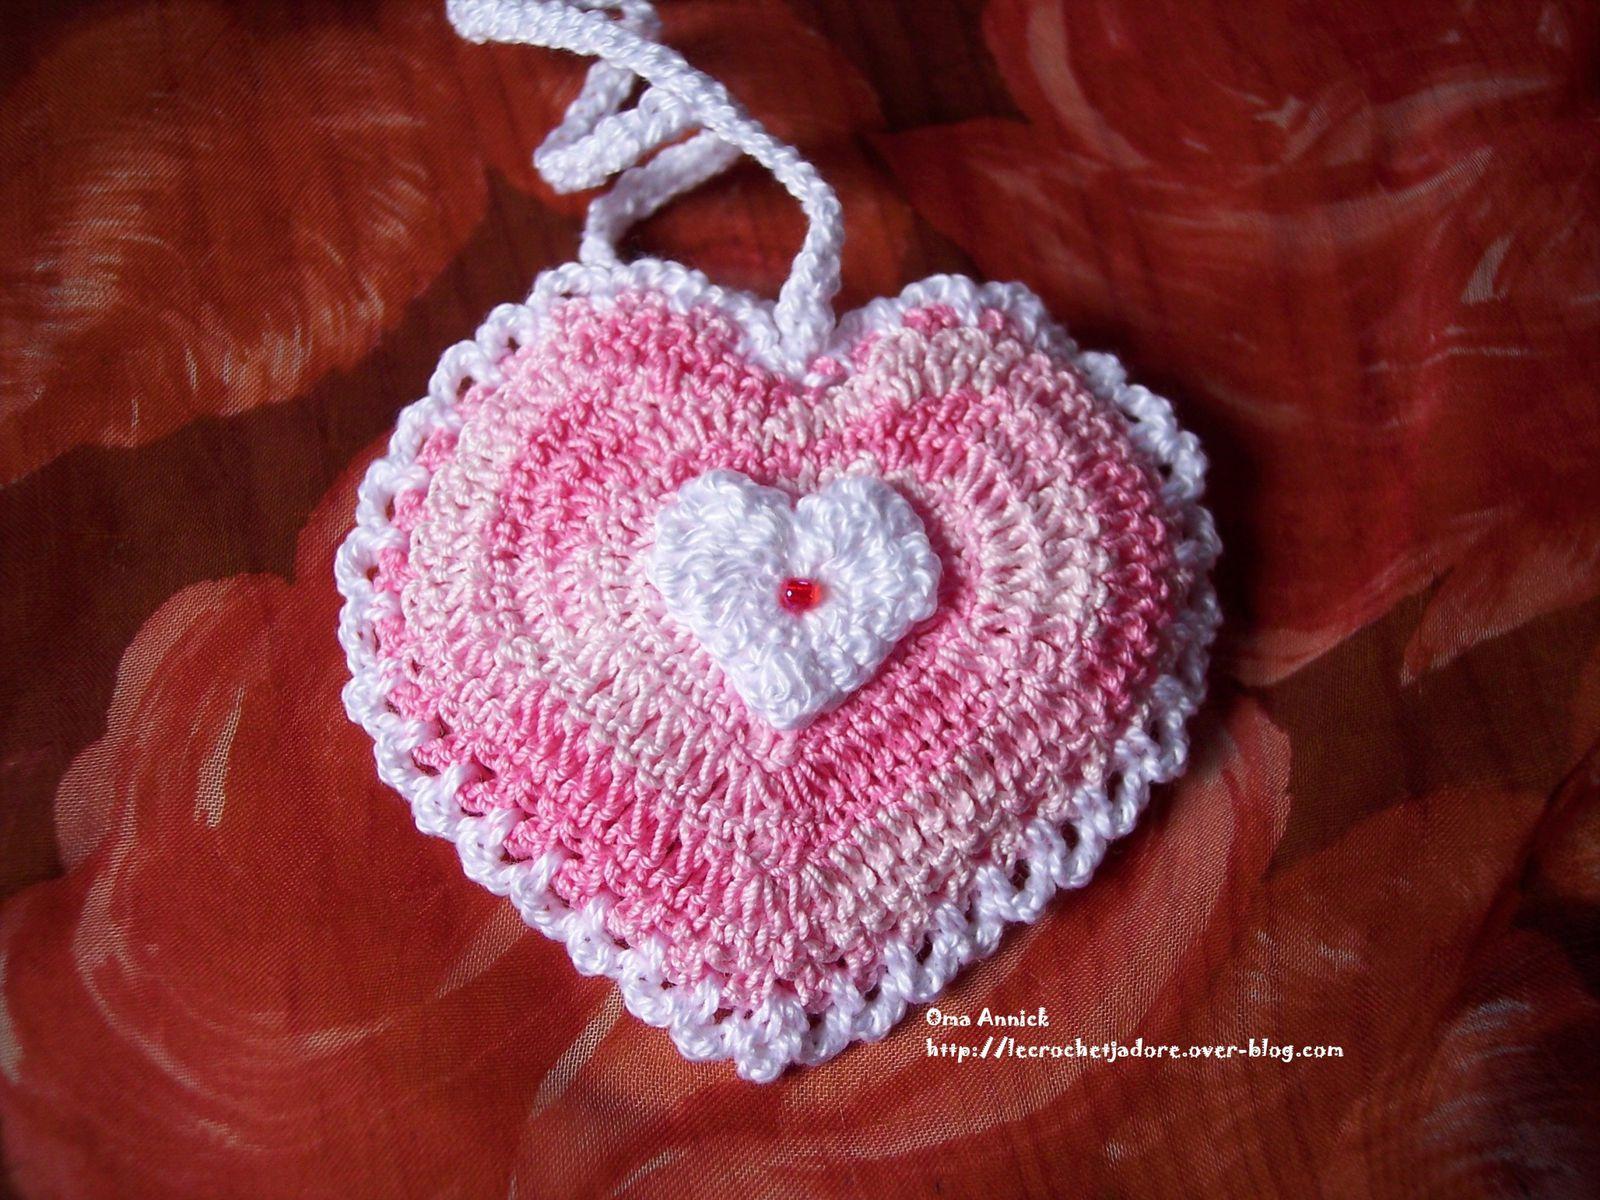 #410D0C Album Coeurs Et Papillons Le Blog De Oma Annick 6165 decoration de table de noel au crochet 1600x1200 px @ aertt.com